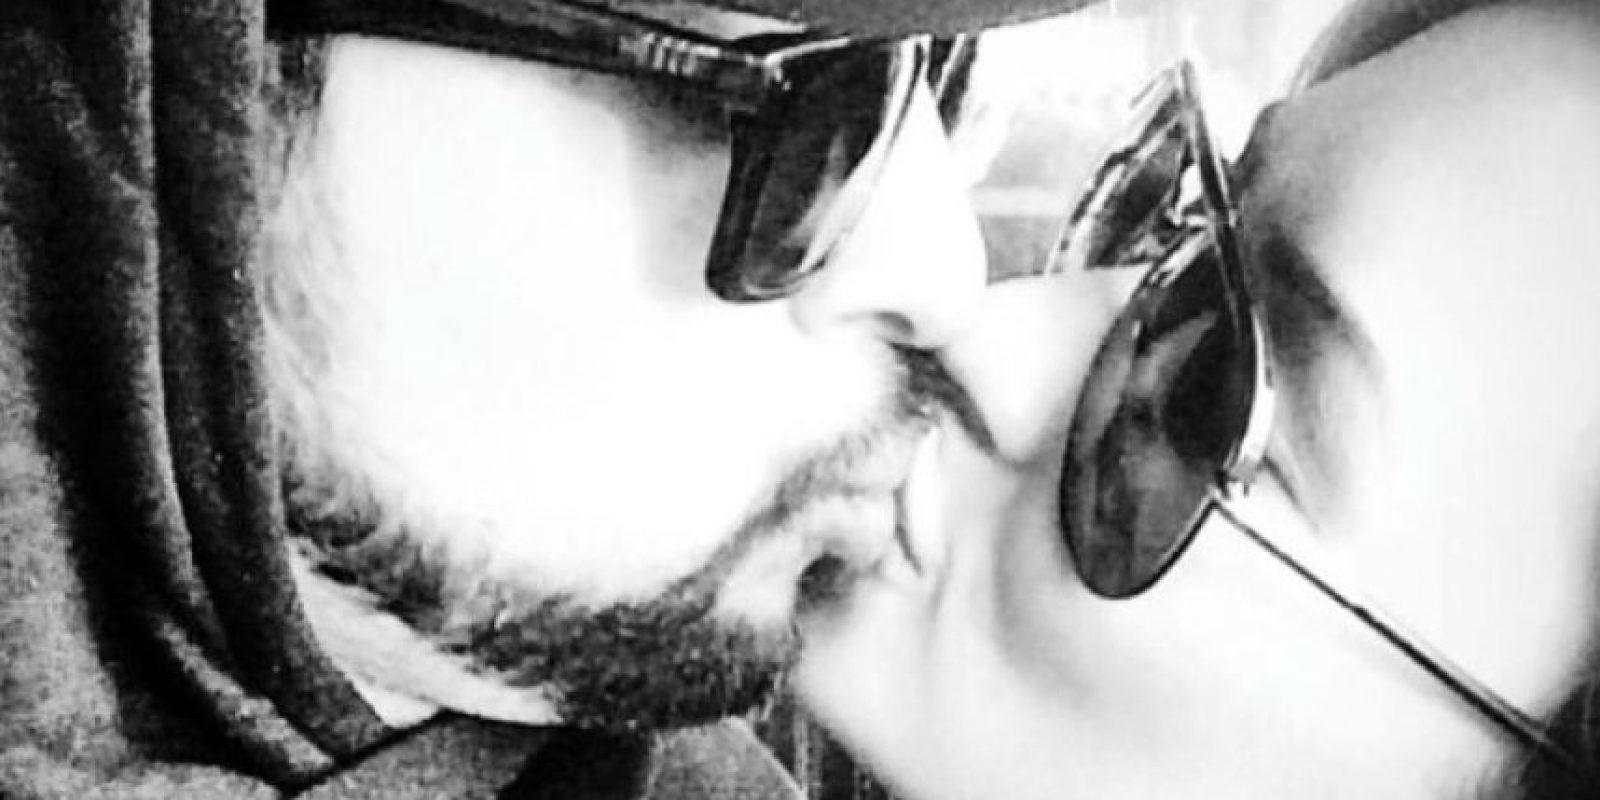 Wilmer y Demi terminaron su relación cuando ella decidió entrar a un programa de rehabilitación, luego de que tuvieran problemas físicos y emocionales. Foto:Instagram/ddlovato